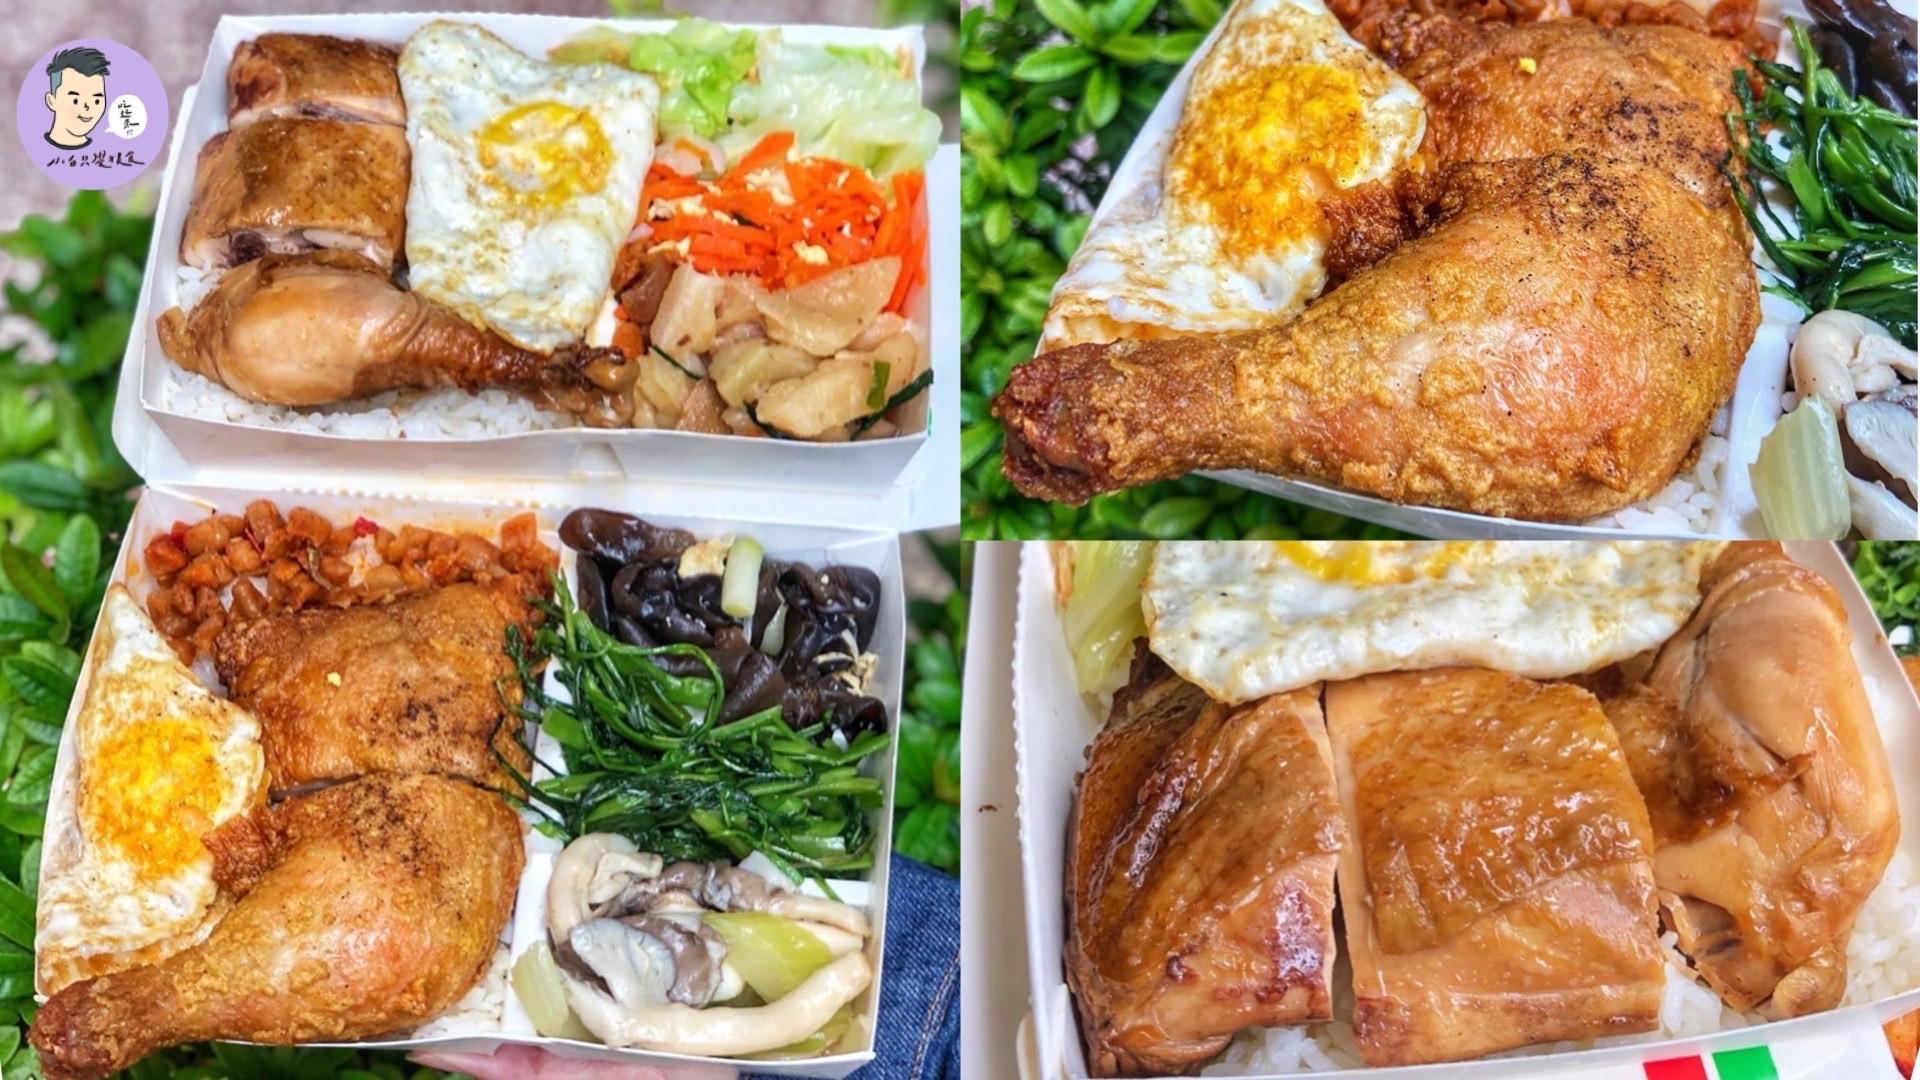 【台南美食】哈蜜瓜快餐便當 台南超人氣便當店 天天都在排隊超狂!大雞腿便當才70元cp值好高